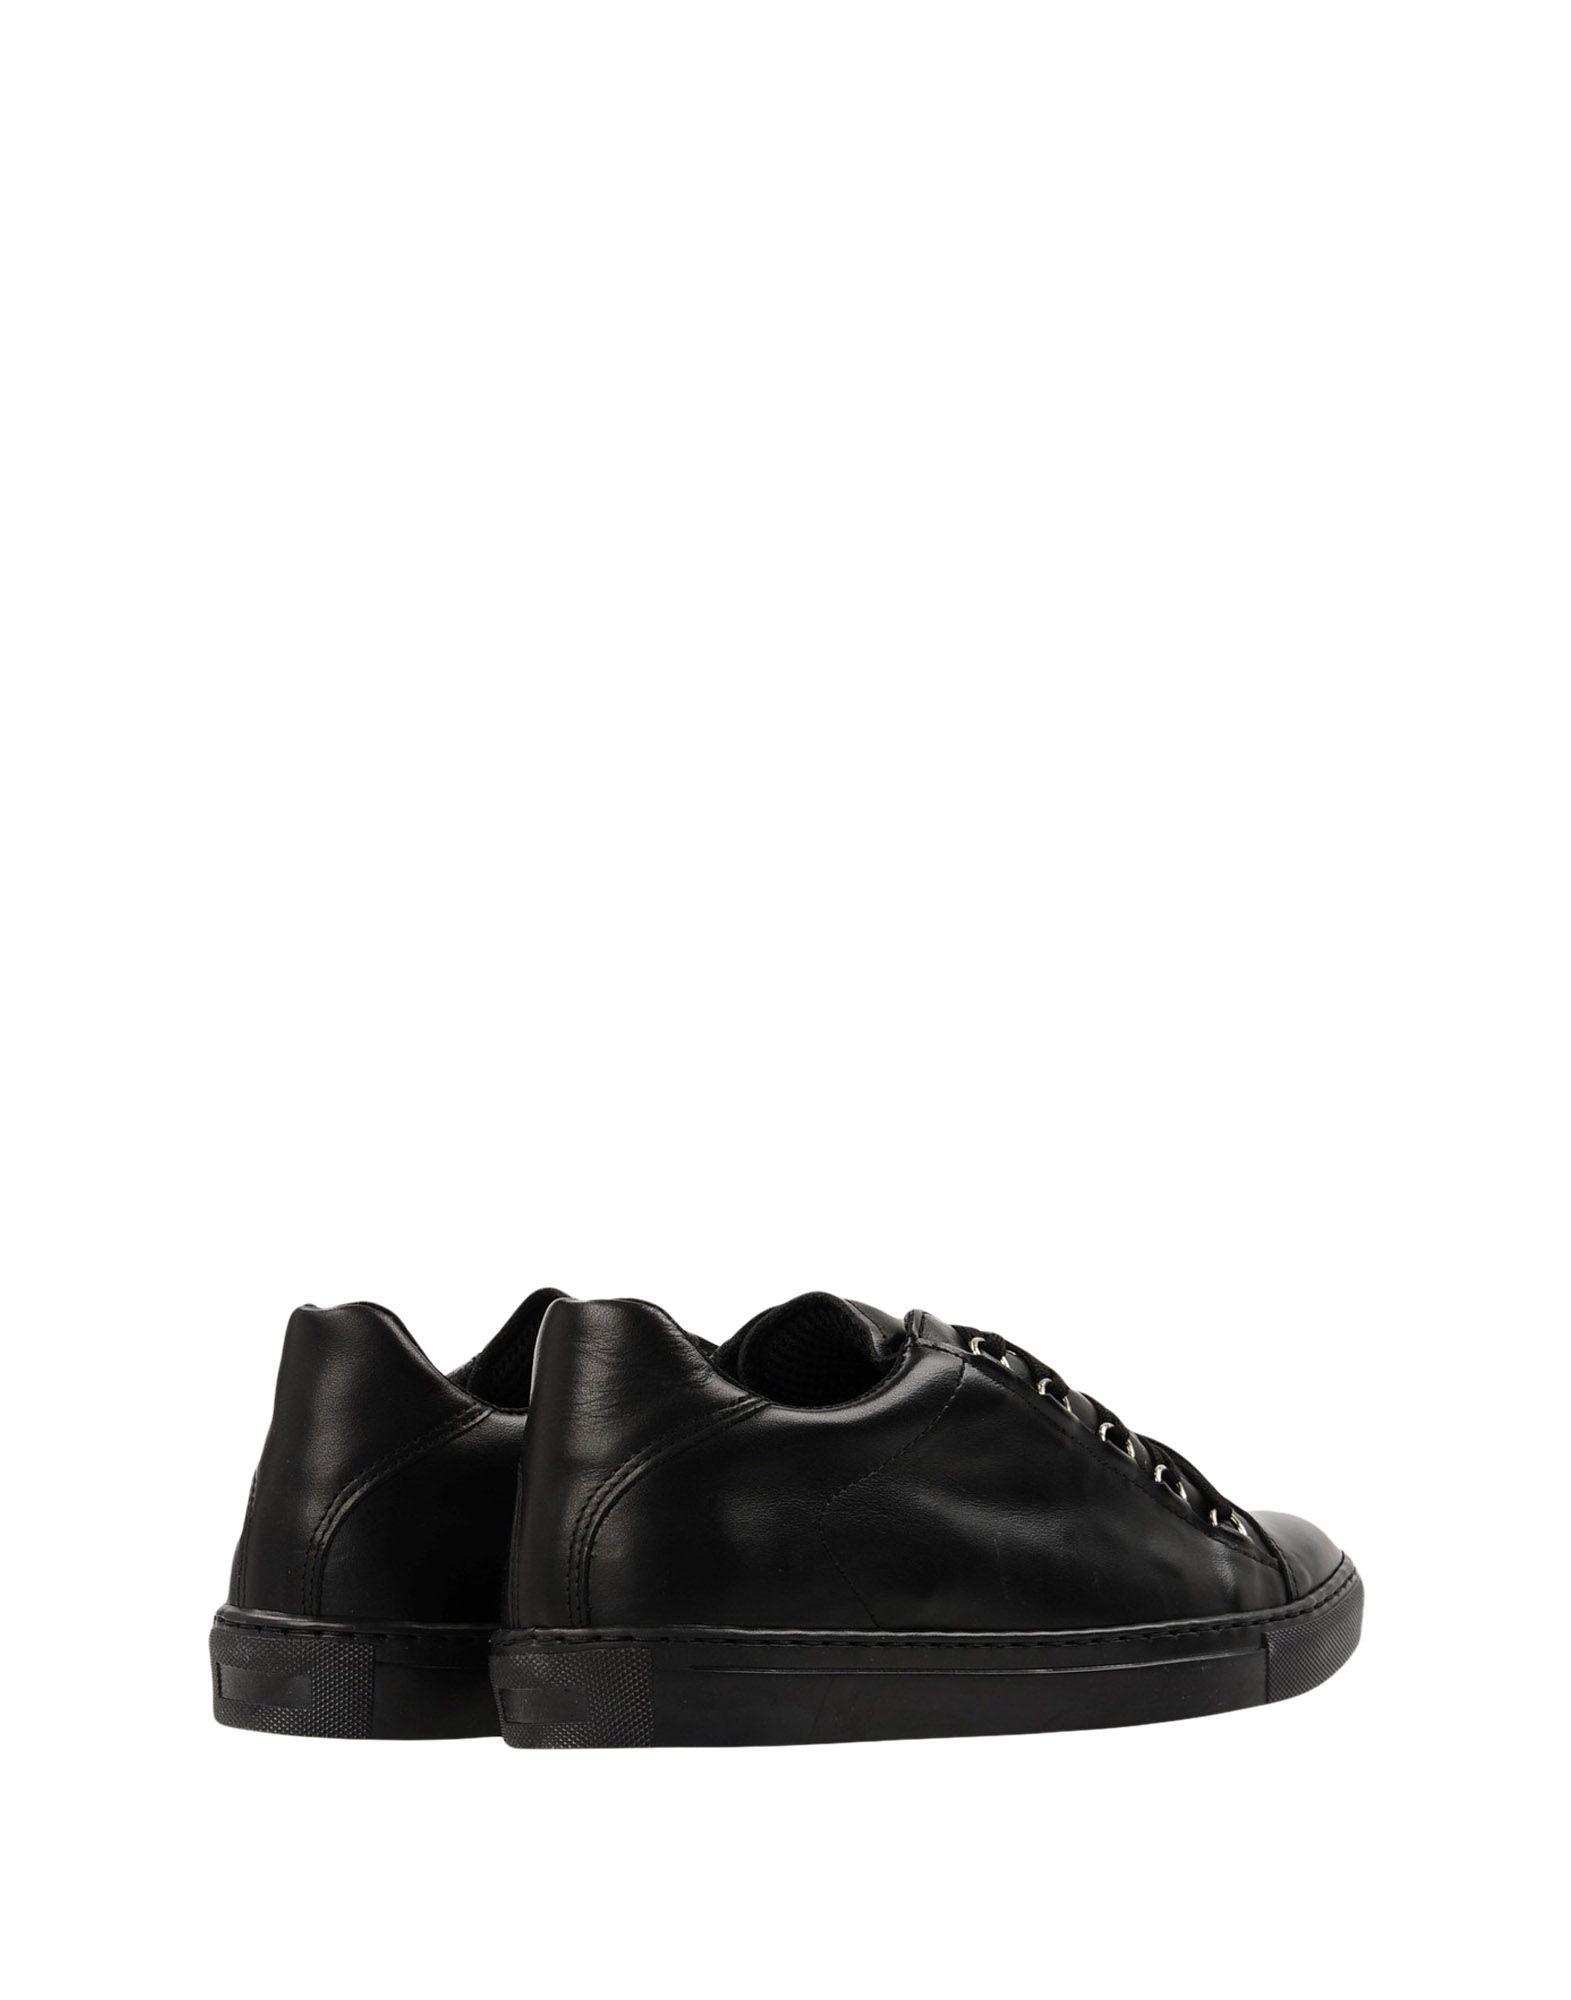 Edwa Edwa  Sneakers Herren  11439545HU Heiße Schuhe b0911a